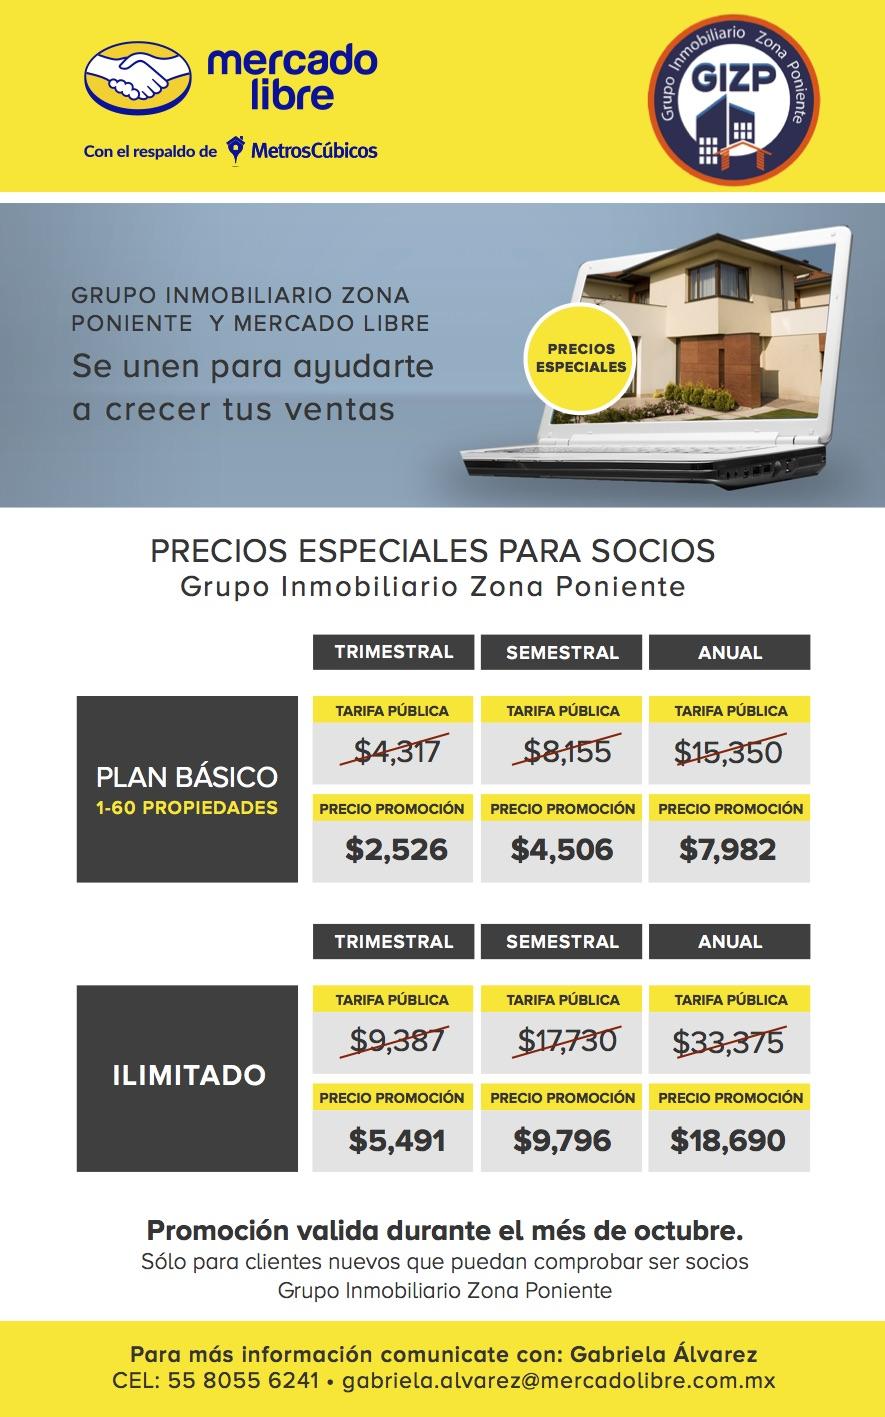 Promoción_Octubre_Mercado_Libre_copy.jpg